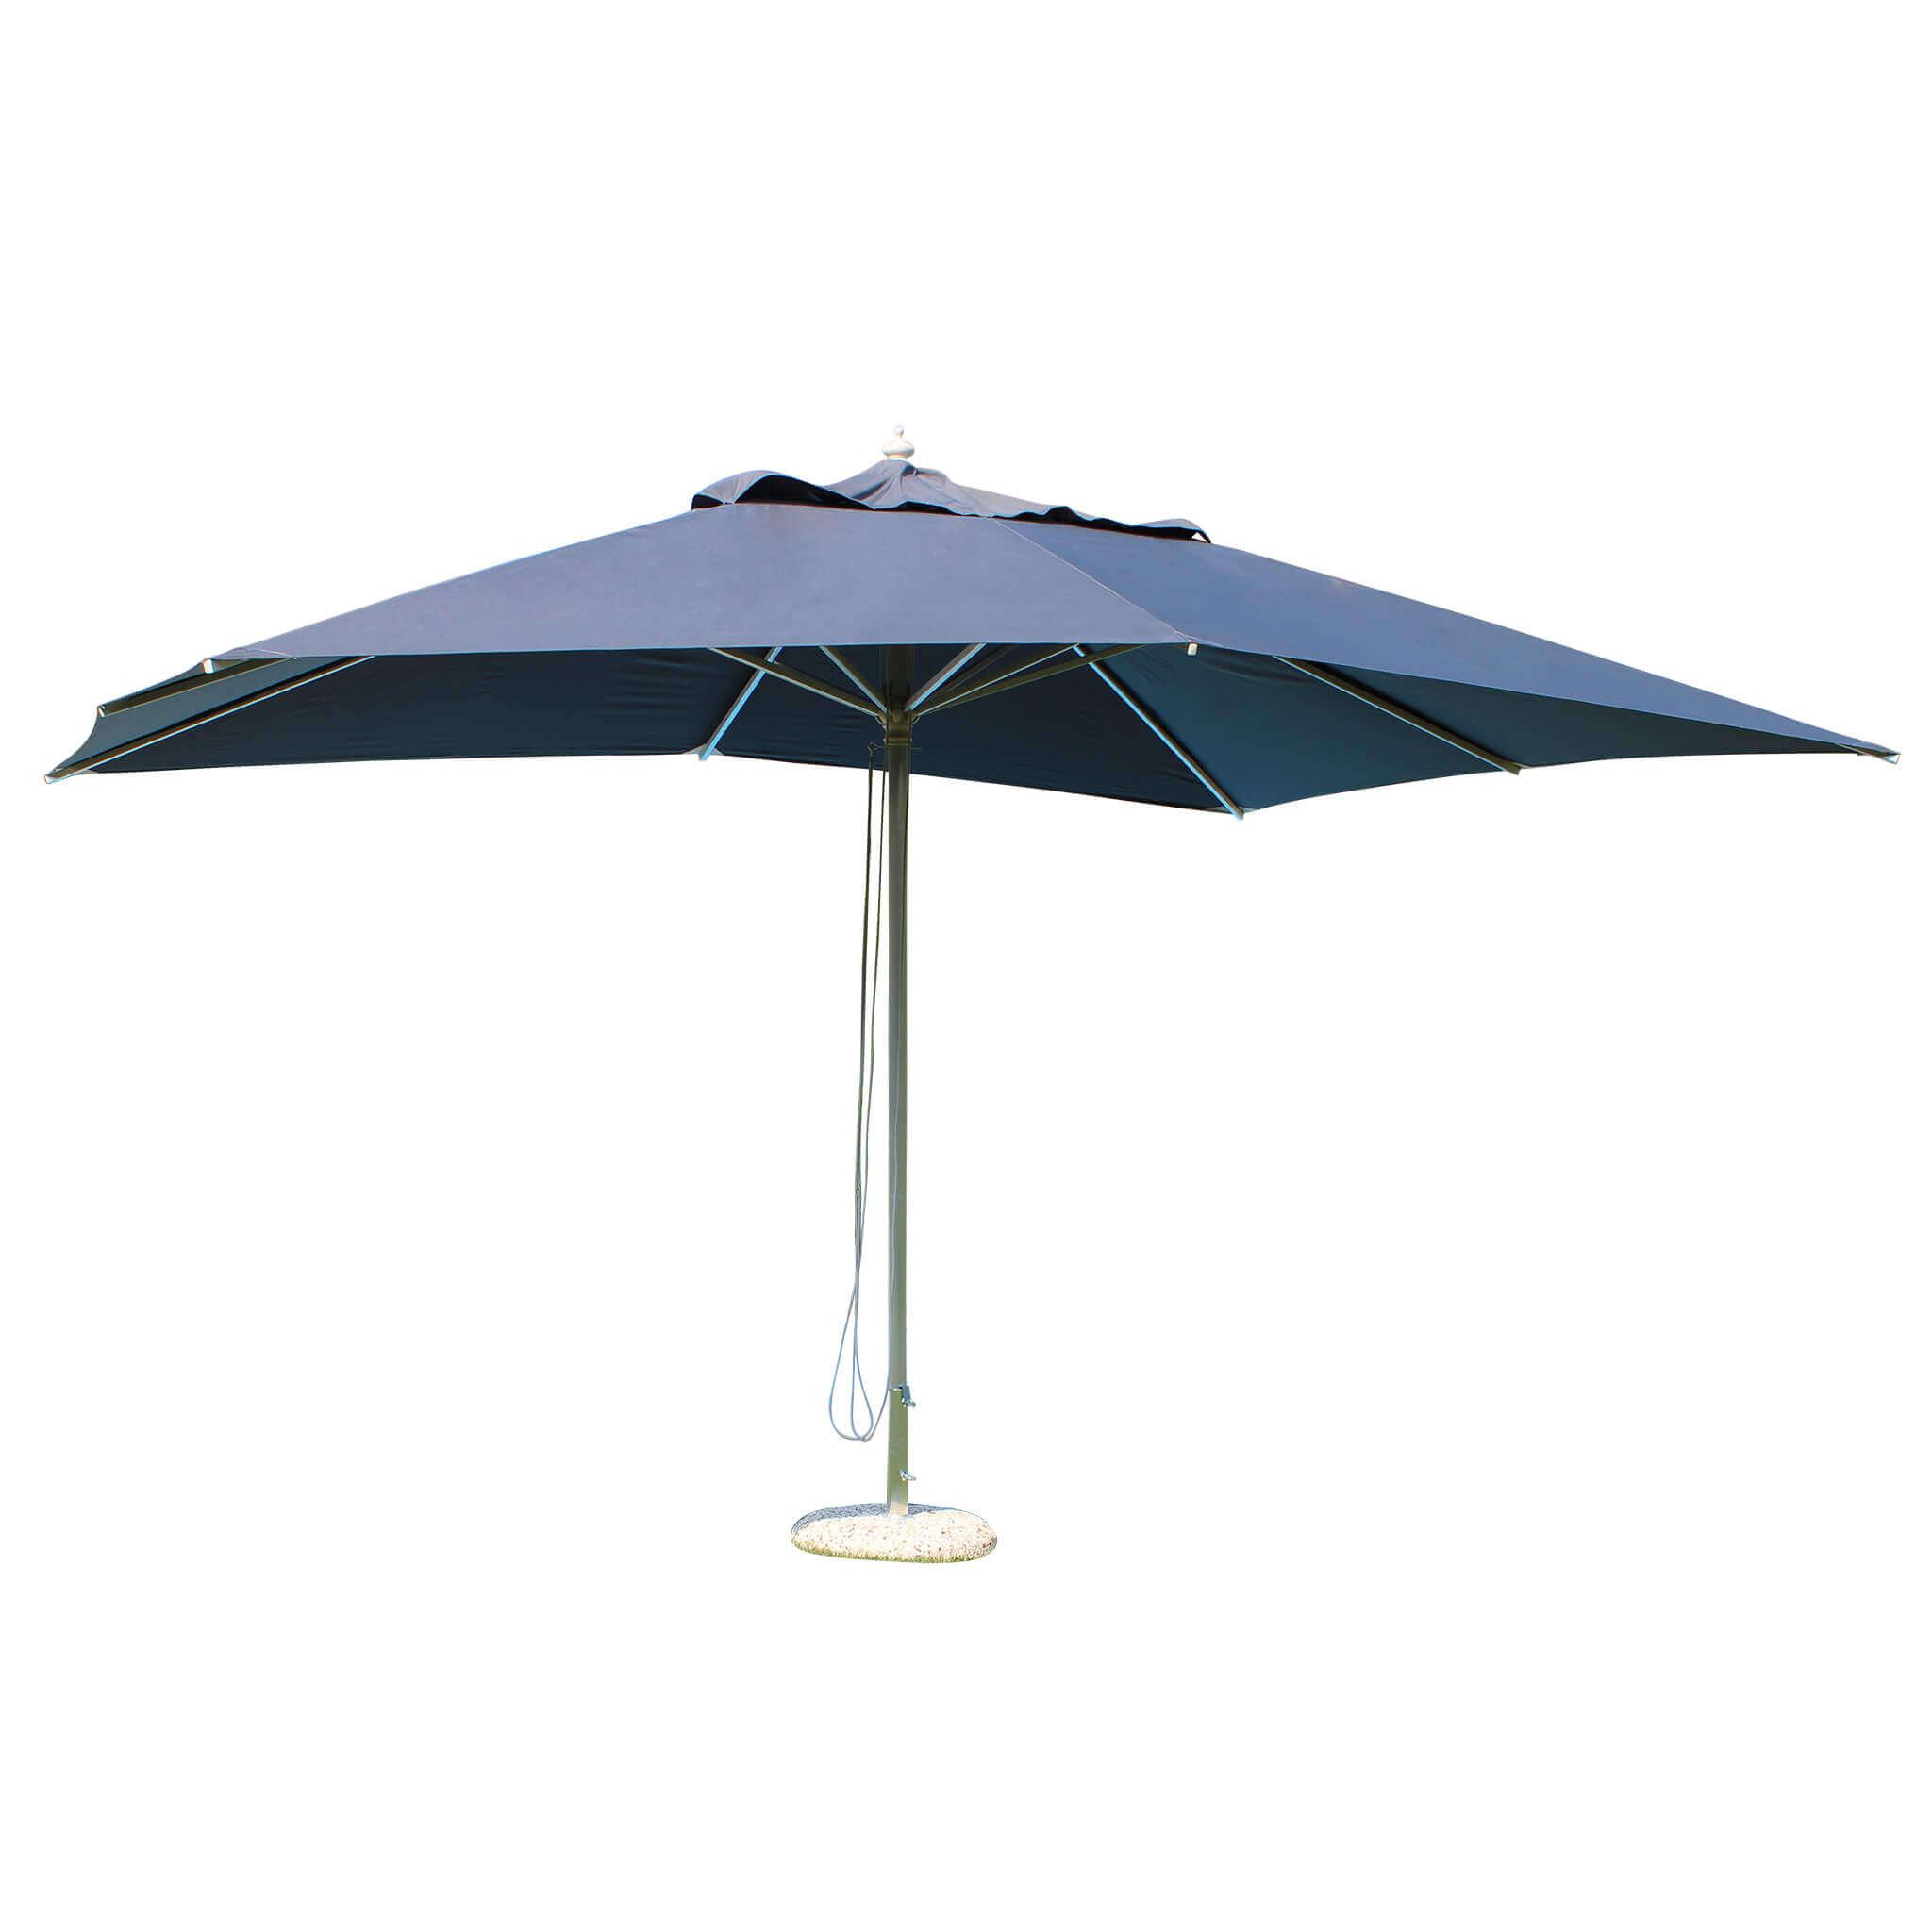 Milani Home ACIS - ombrellone da giardino 3 x 3 palo centrale in alluminio